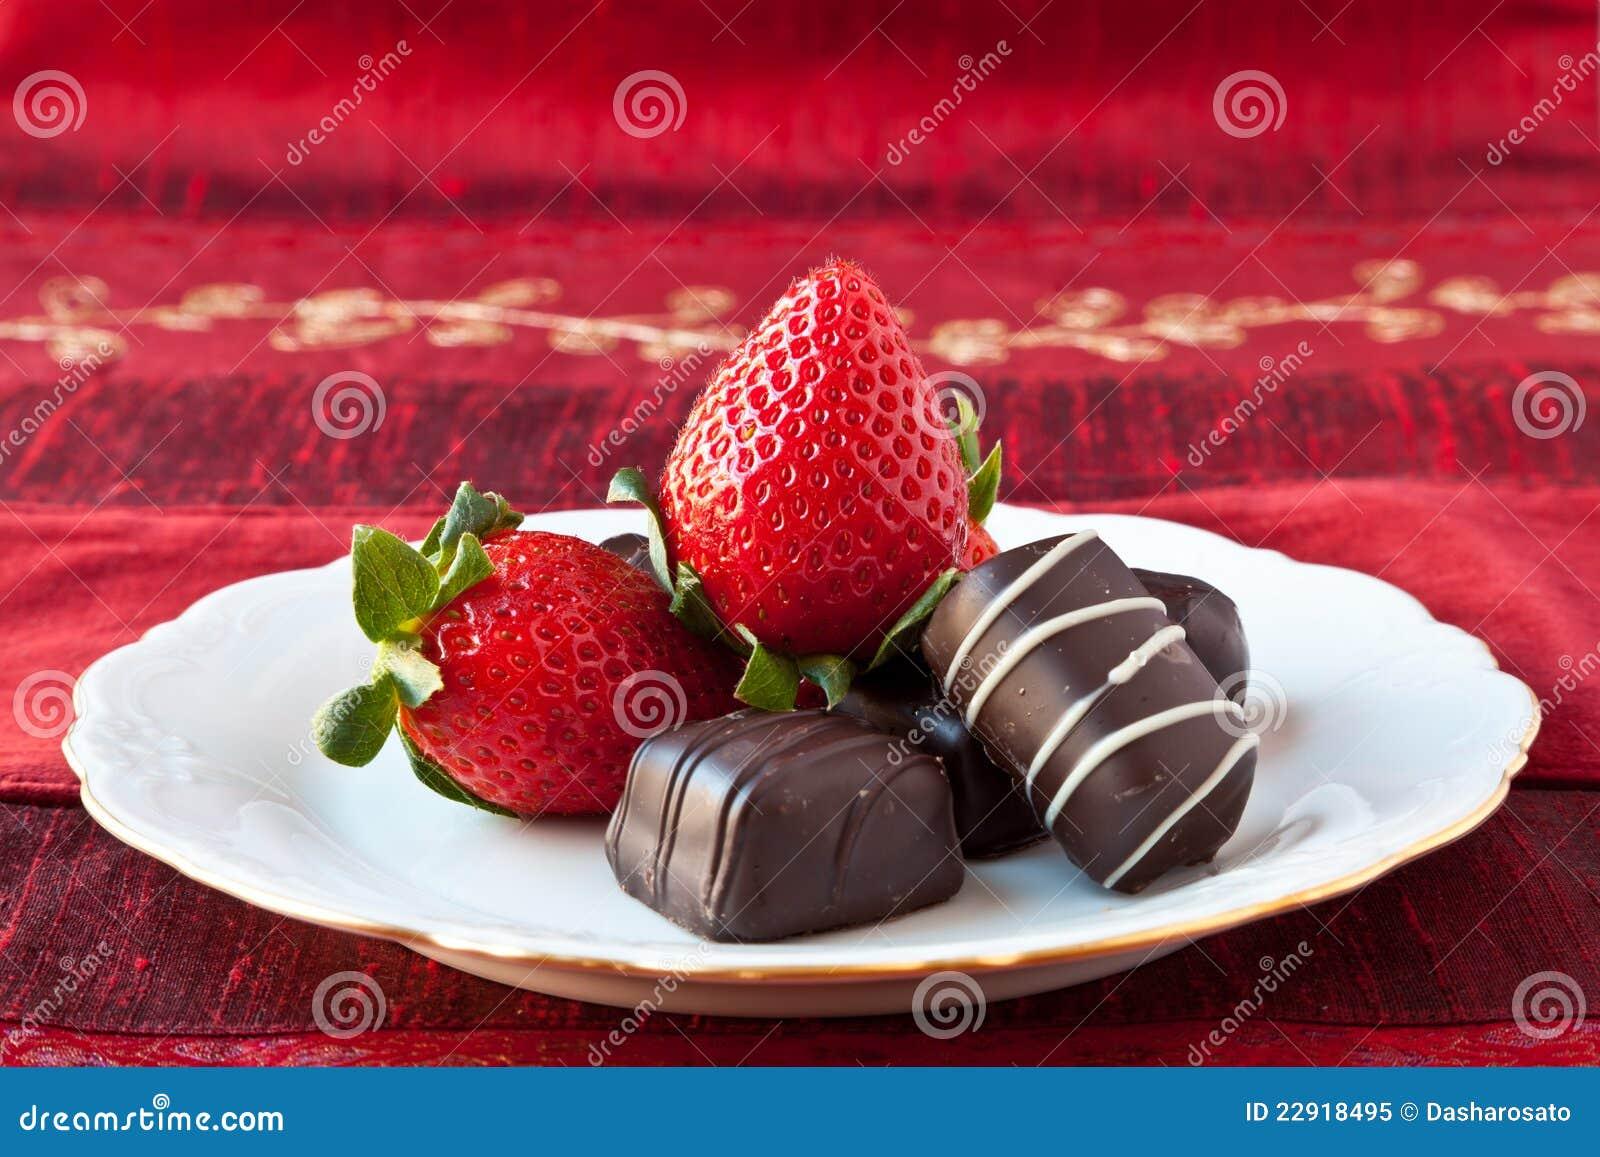 Fresas Y Chocolates En Una Placa Foto de archivo libre de regalías ...